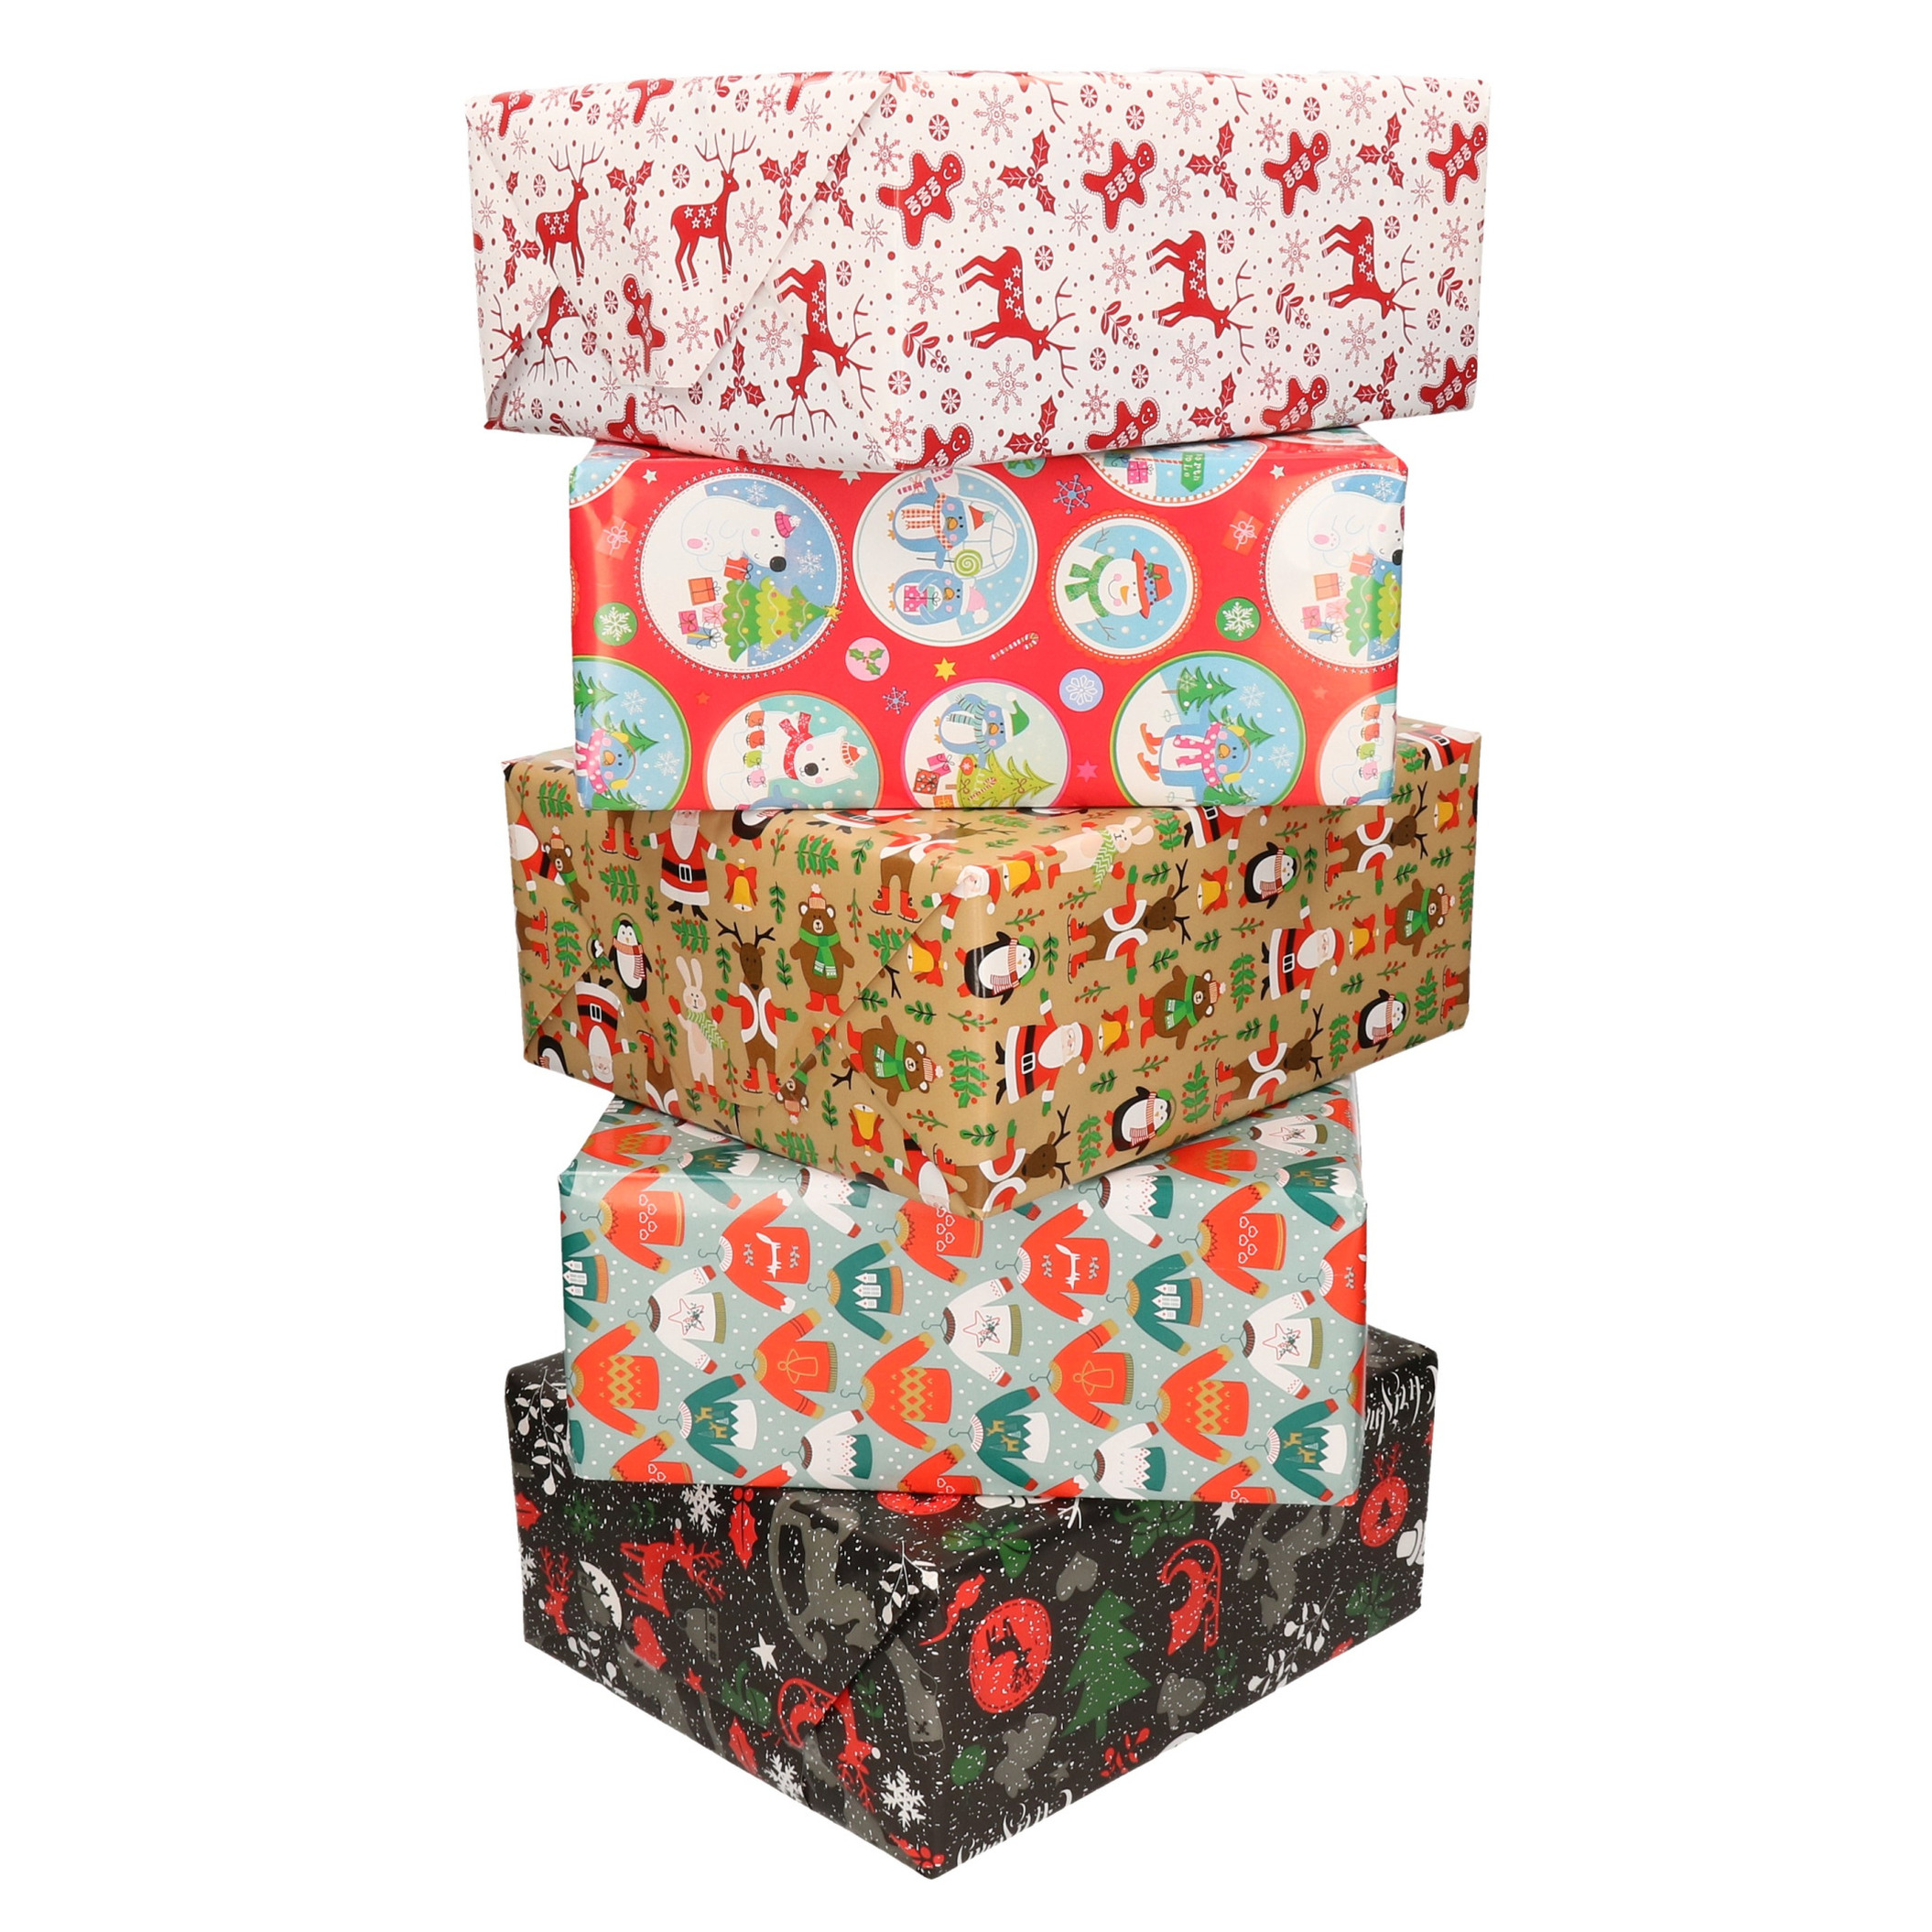 20x Rollen Kerst inpakpapier/cadeaupapier diverse prints 2,5 x 0,7 meter voor kinderen